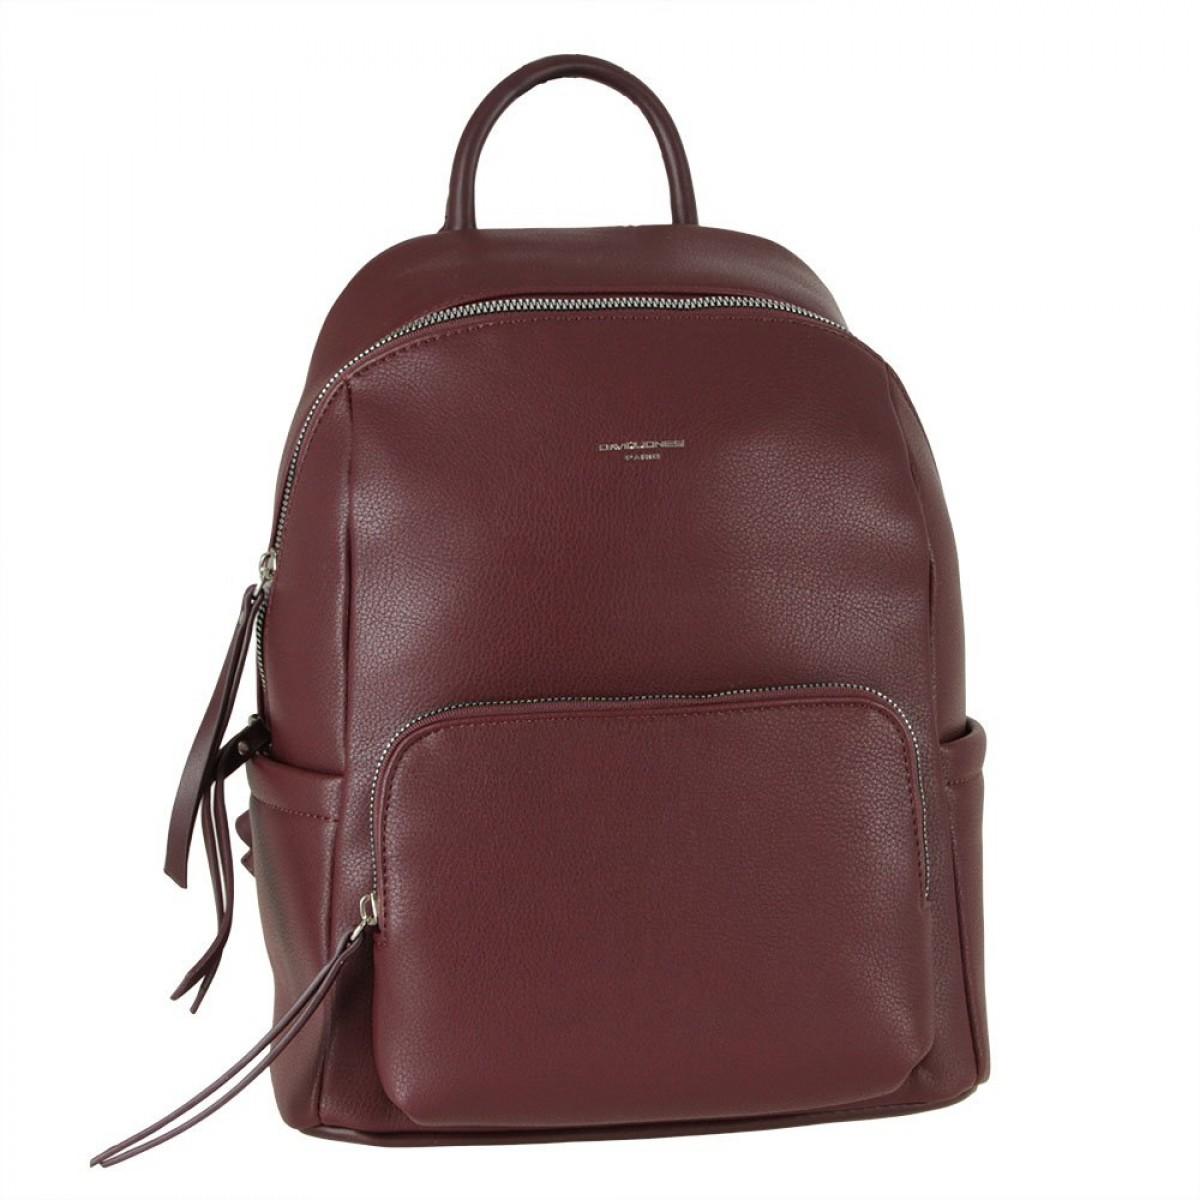 Жіночий рюкзак David Jones CM5845 DARK BORDEAUX